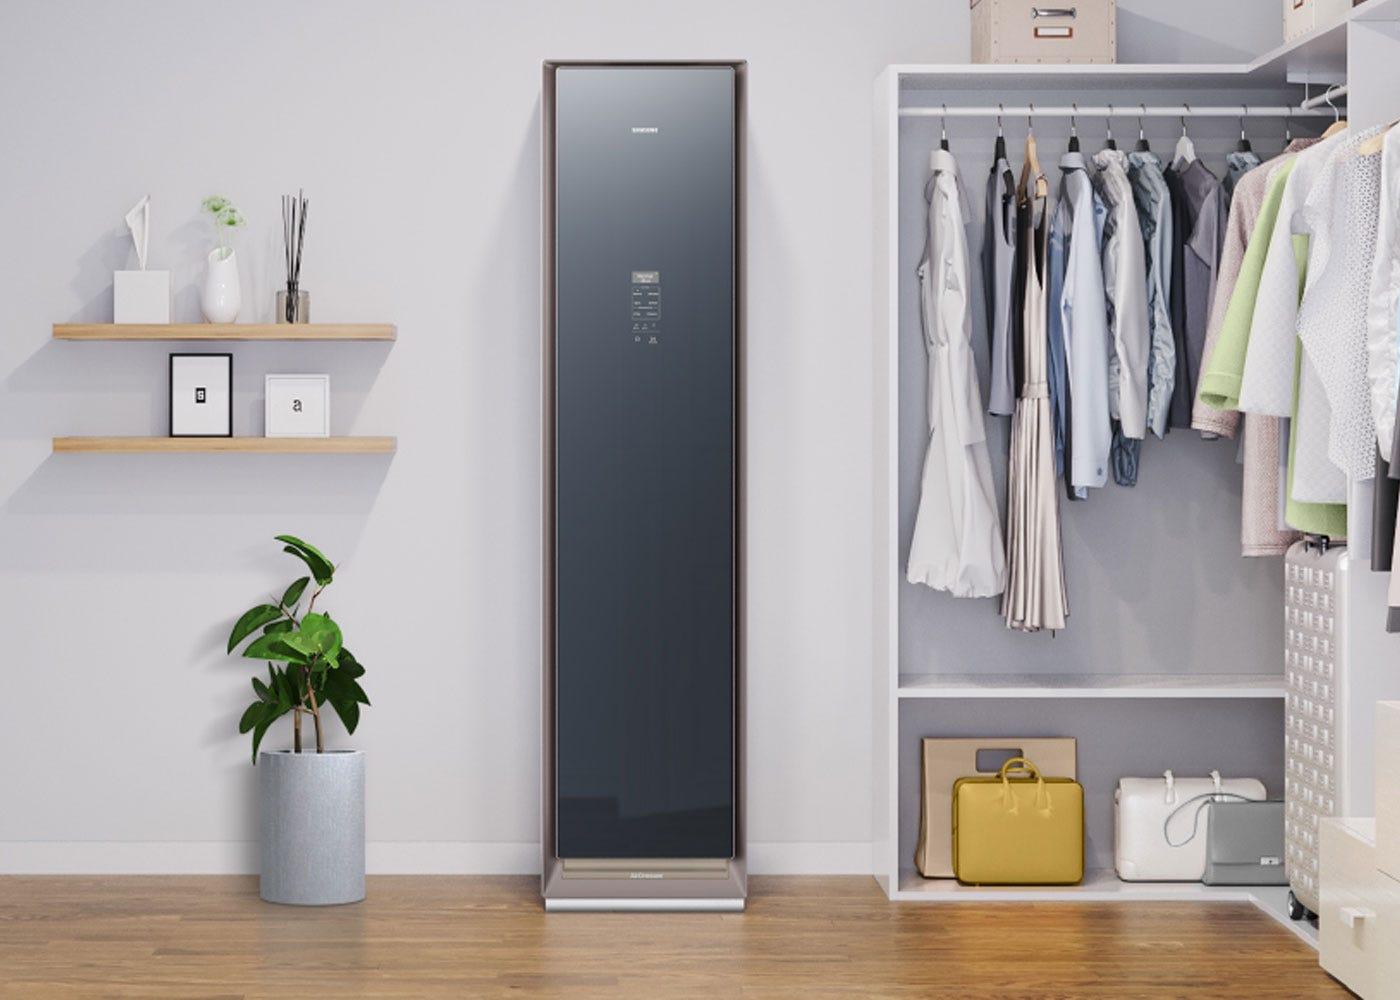 As shown: Samsung AirDresser